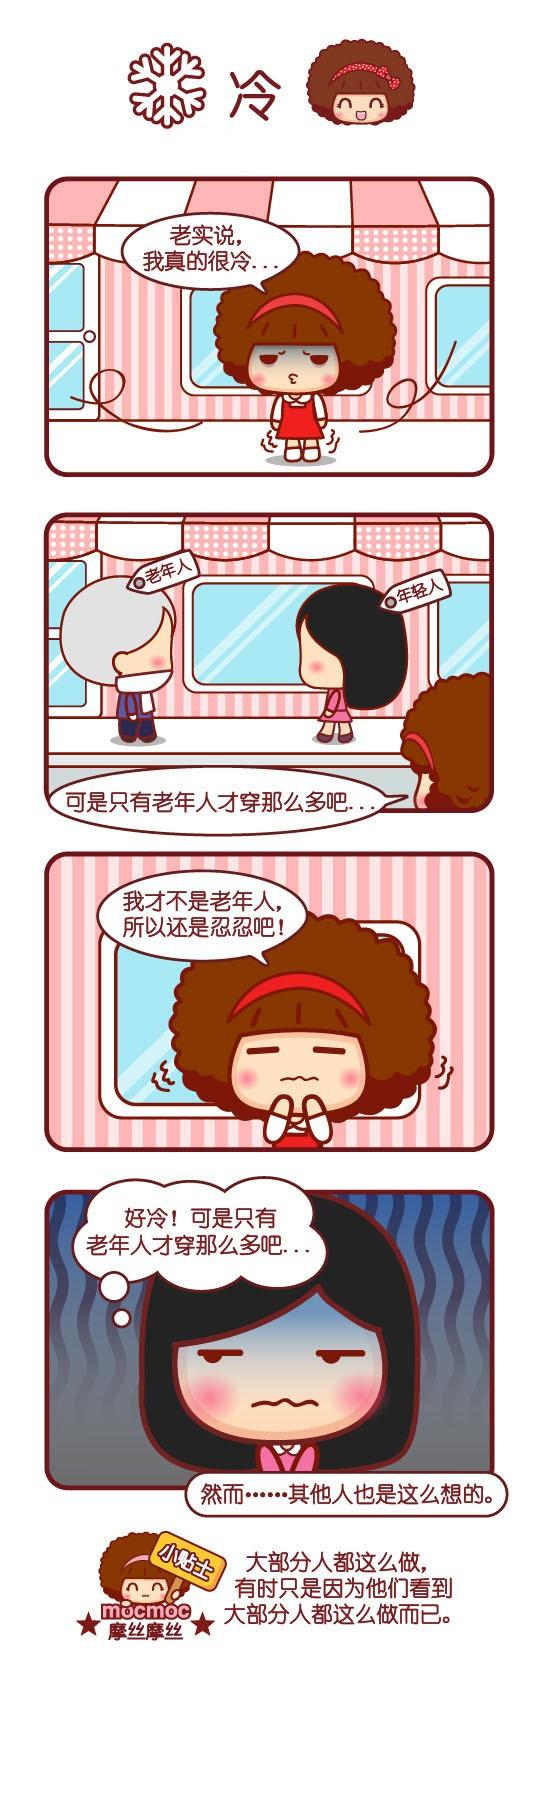 摩丝摩丝可爱漫画1月日志